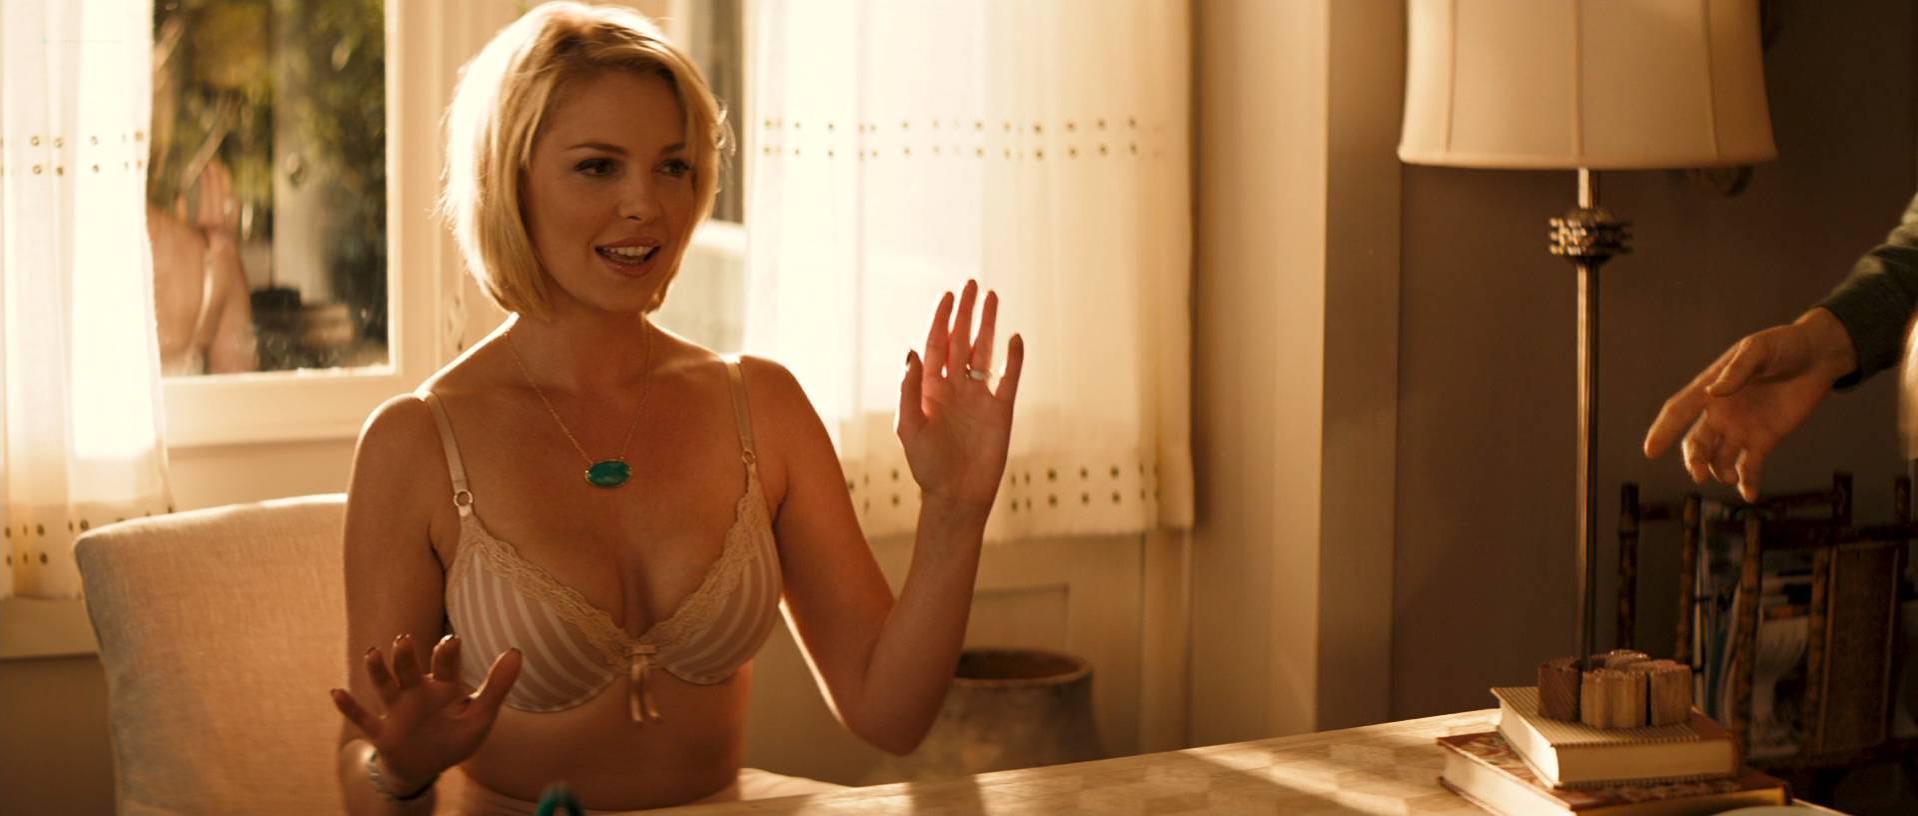 katherine heigl naked